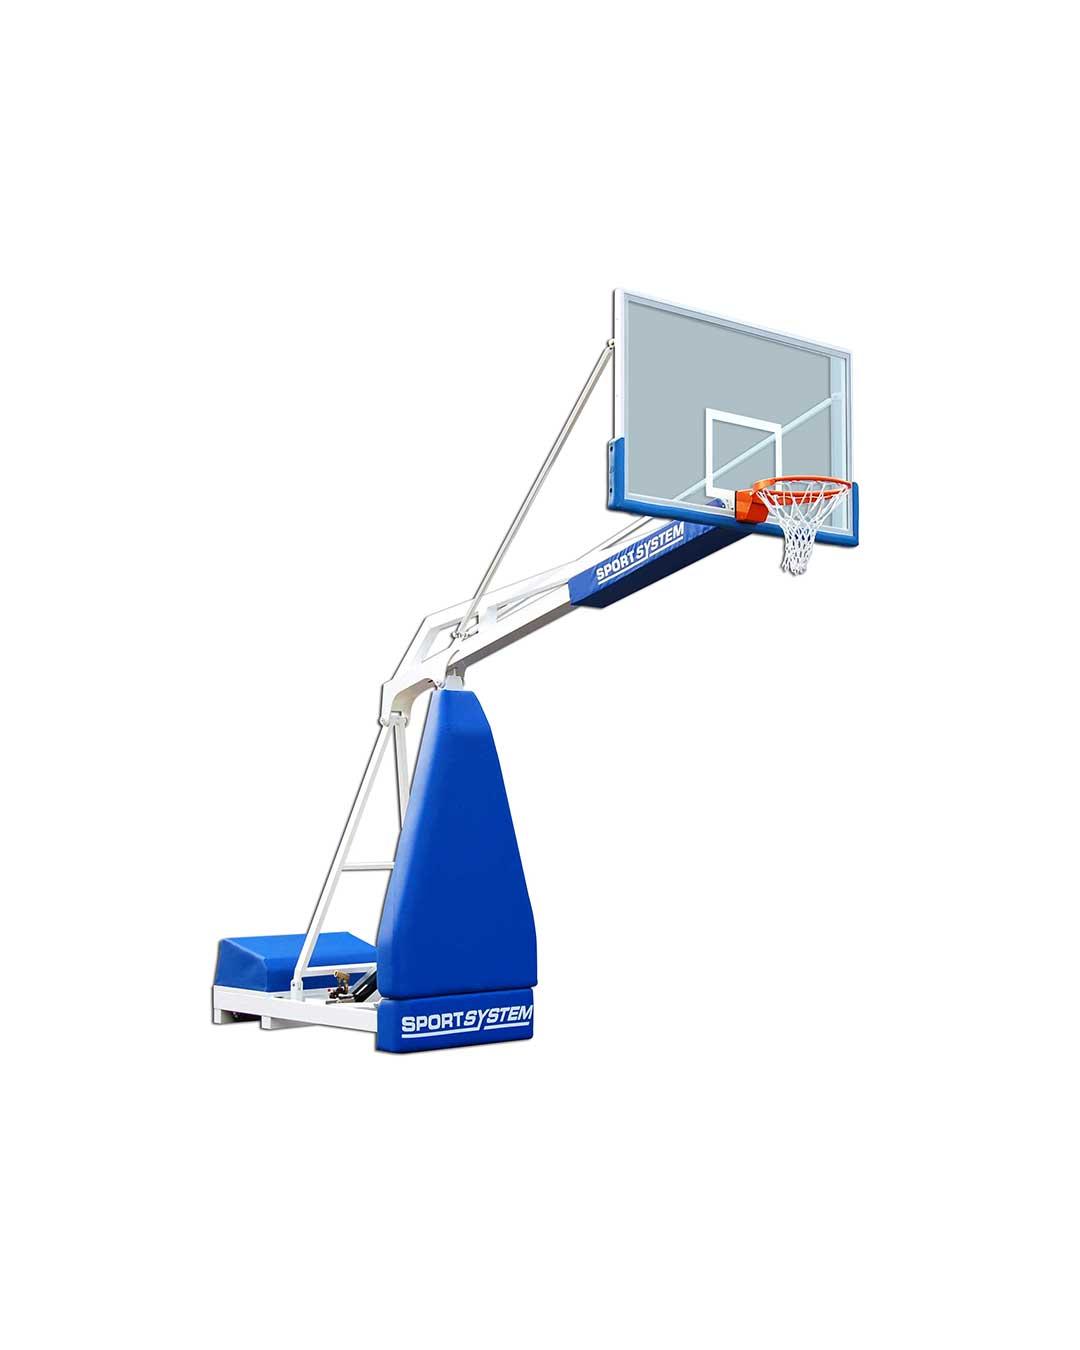 Jirafa (Tablero de básquetbol) competición FIBA nivel 2 (Ex nivel 3) - 235 cm de proyección